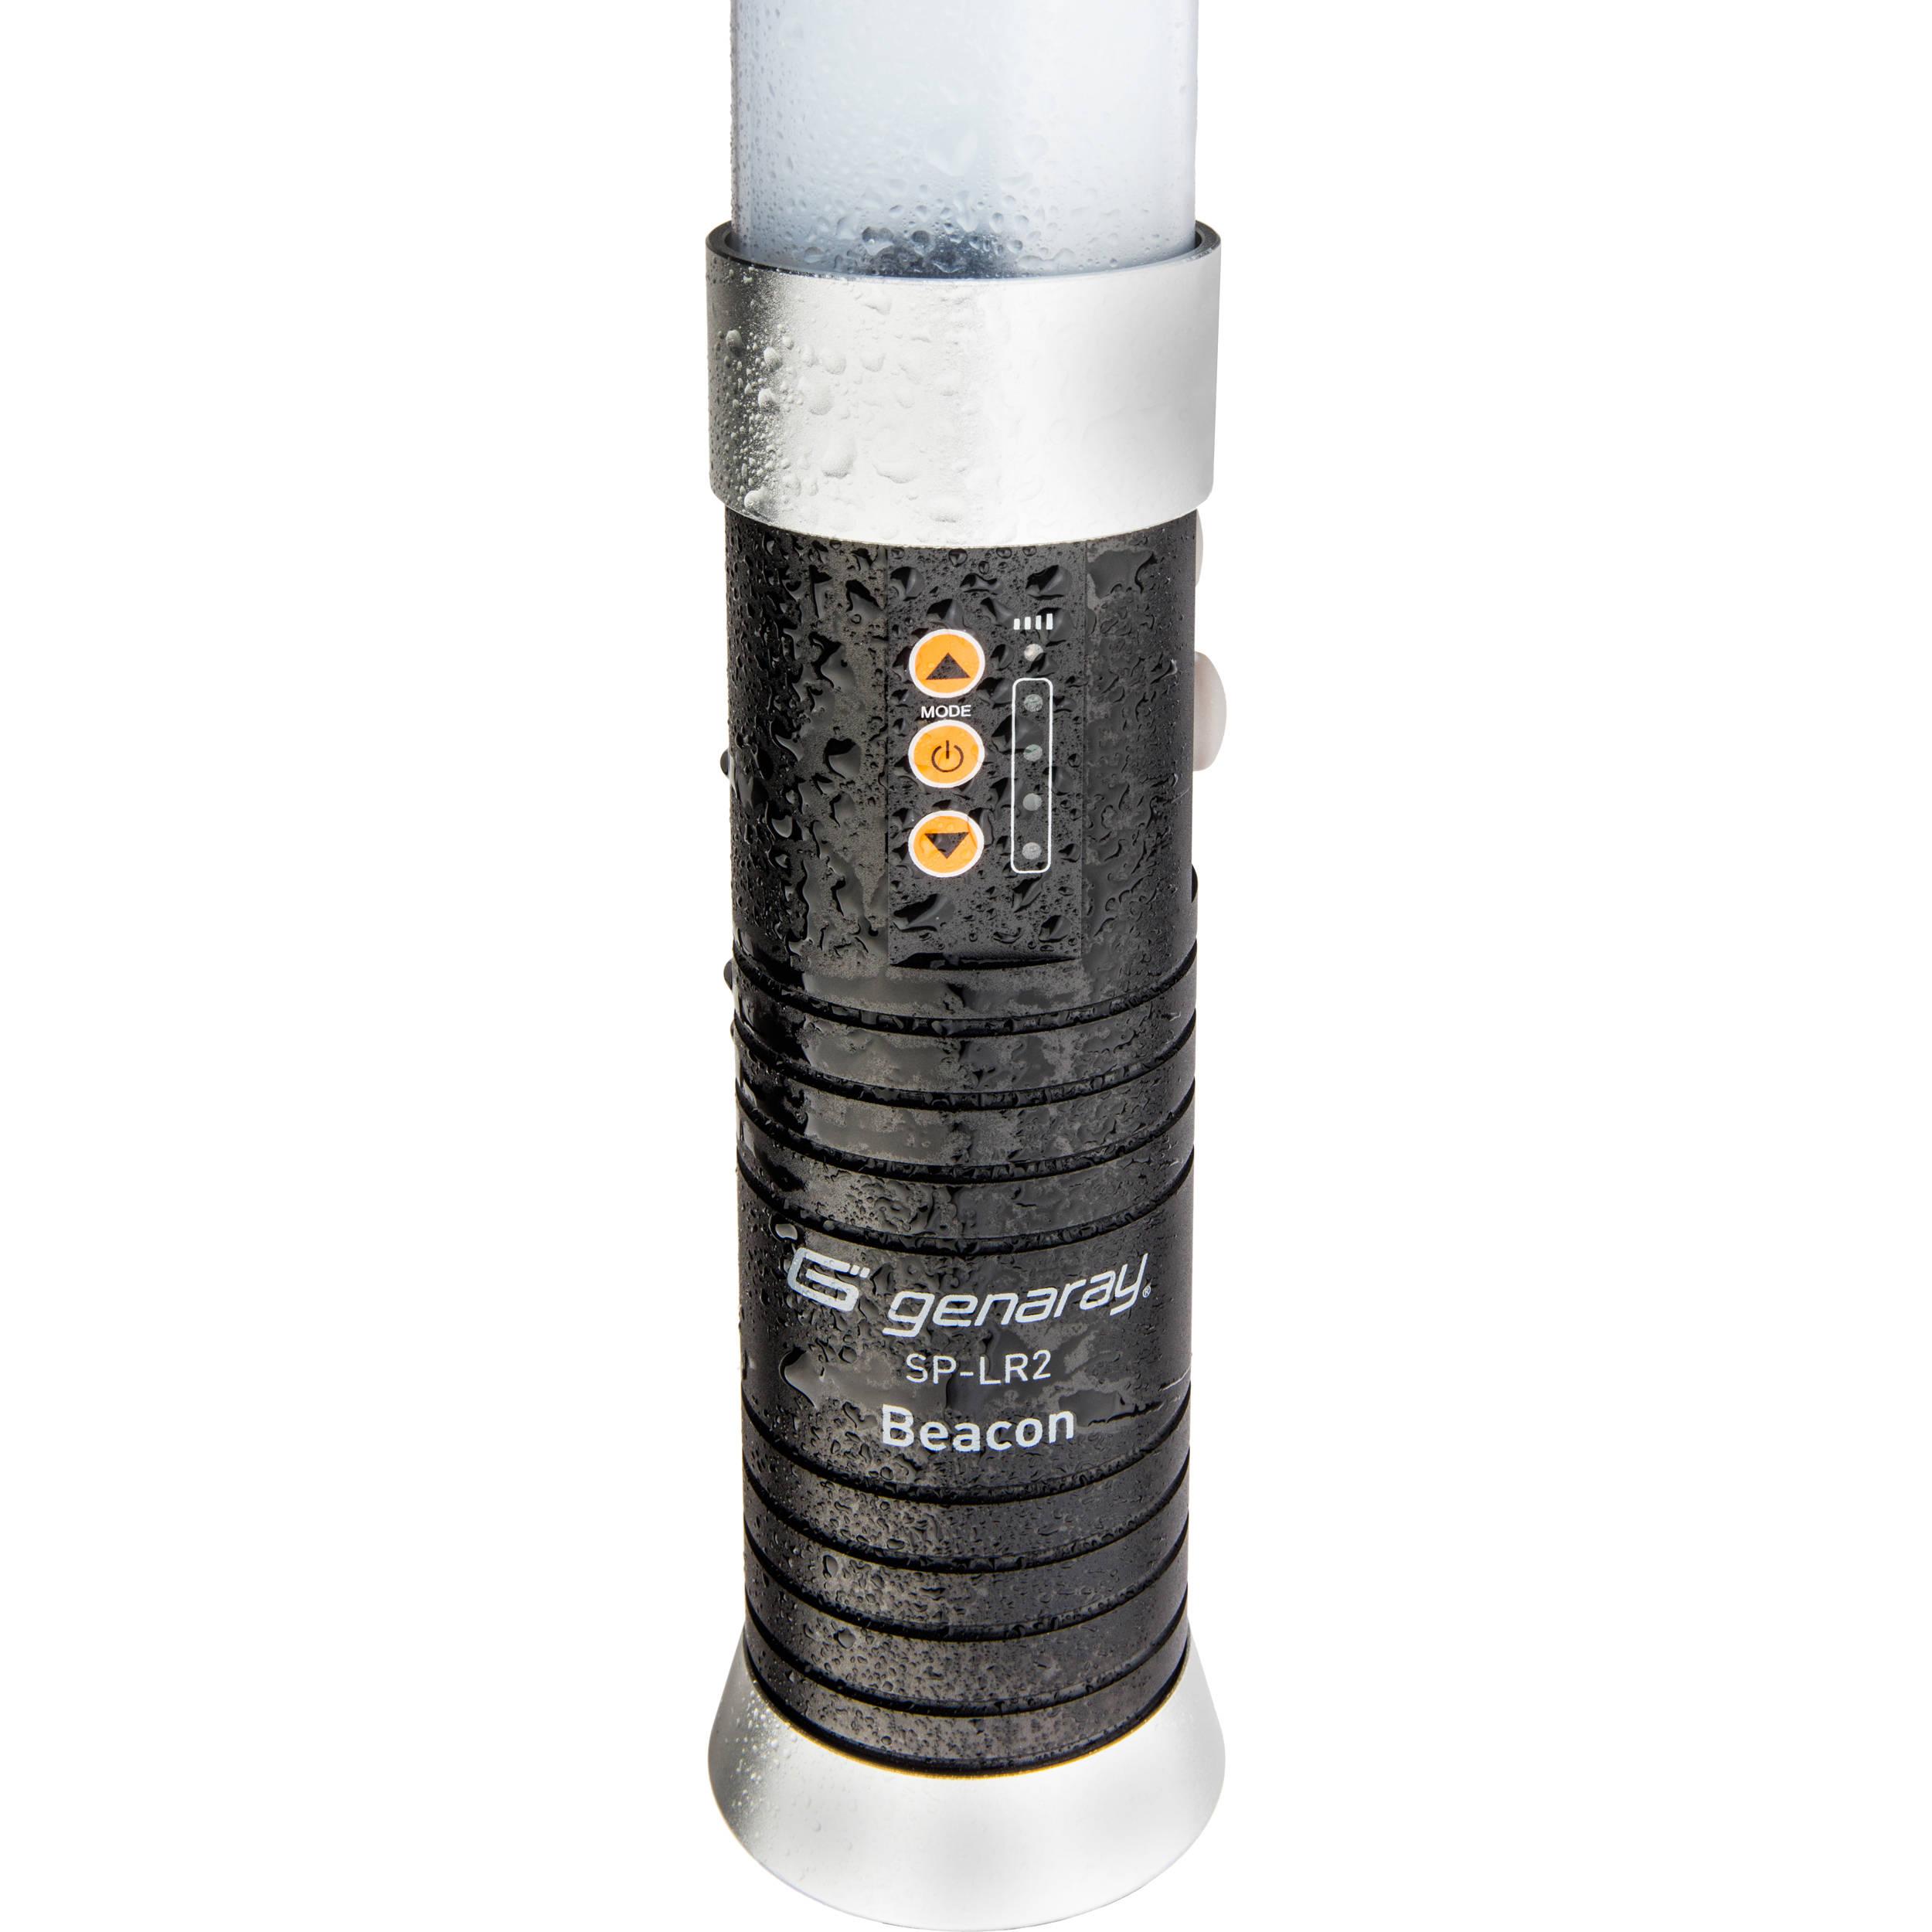 Genaray Beacon LED Wand-Style Light